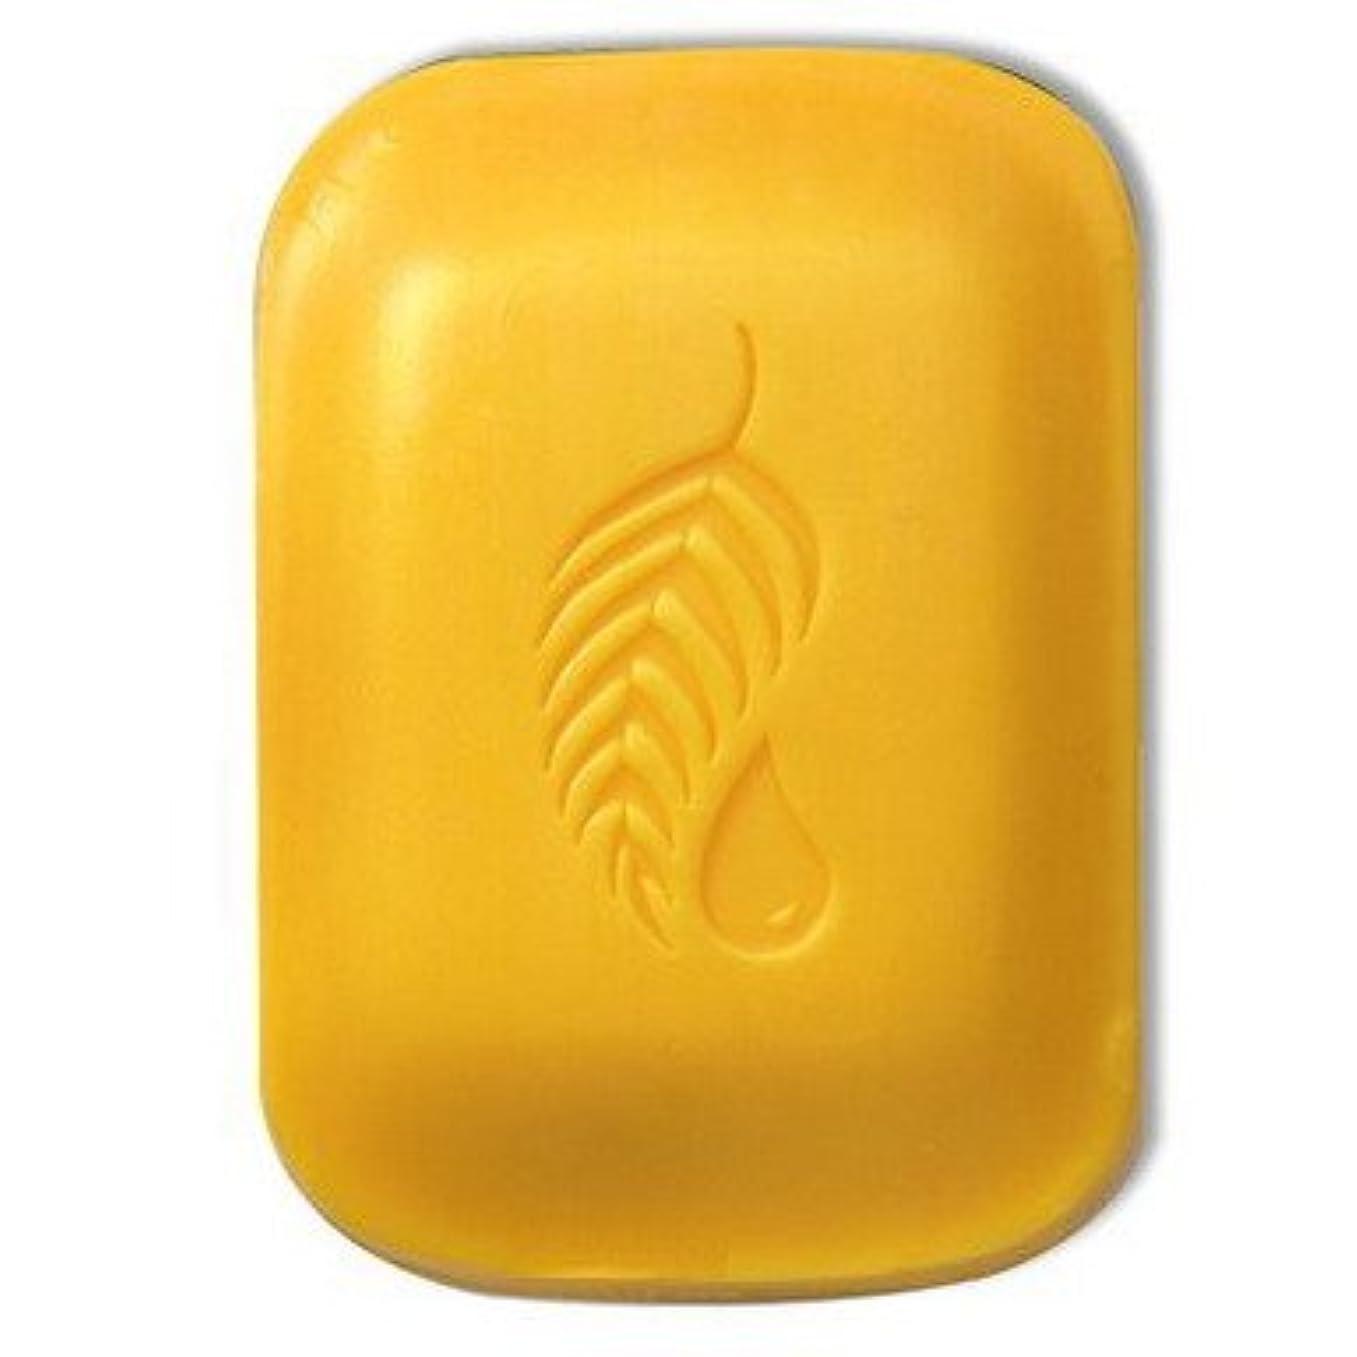 支出作動する健康的【Melaleuca(メラルーカ)】ゴールド バー トライアルサイズ42.5g [並行輸入品]